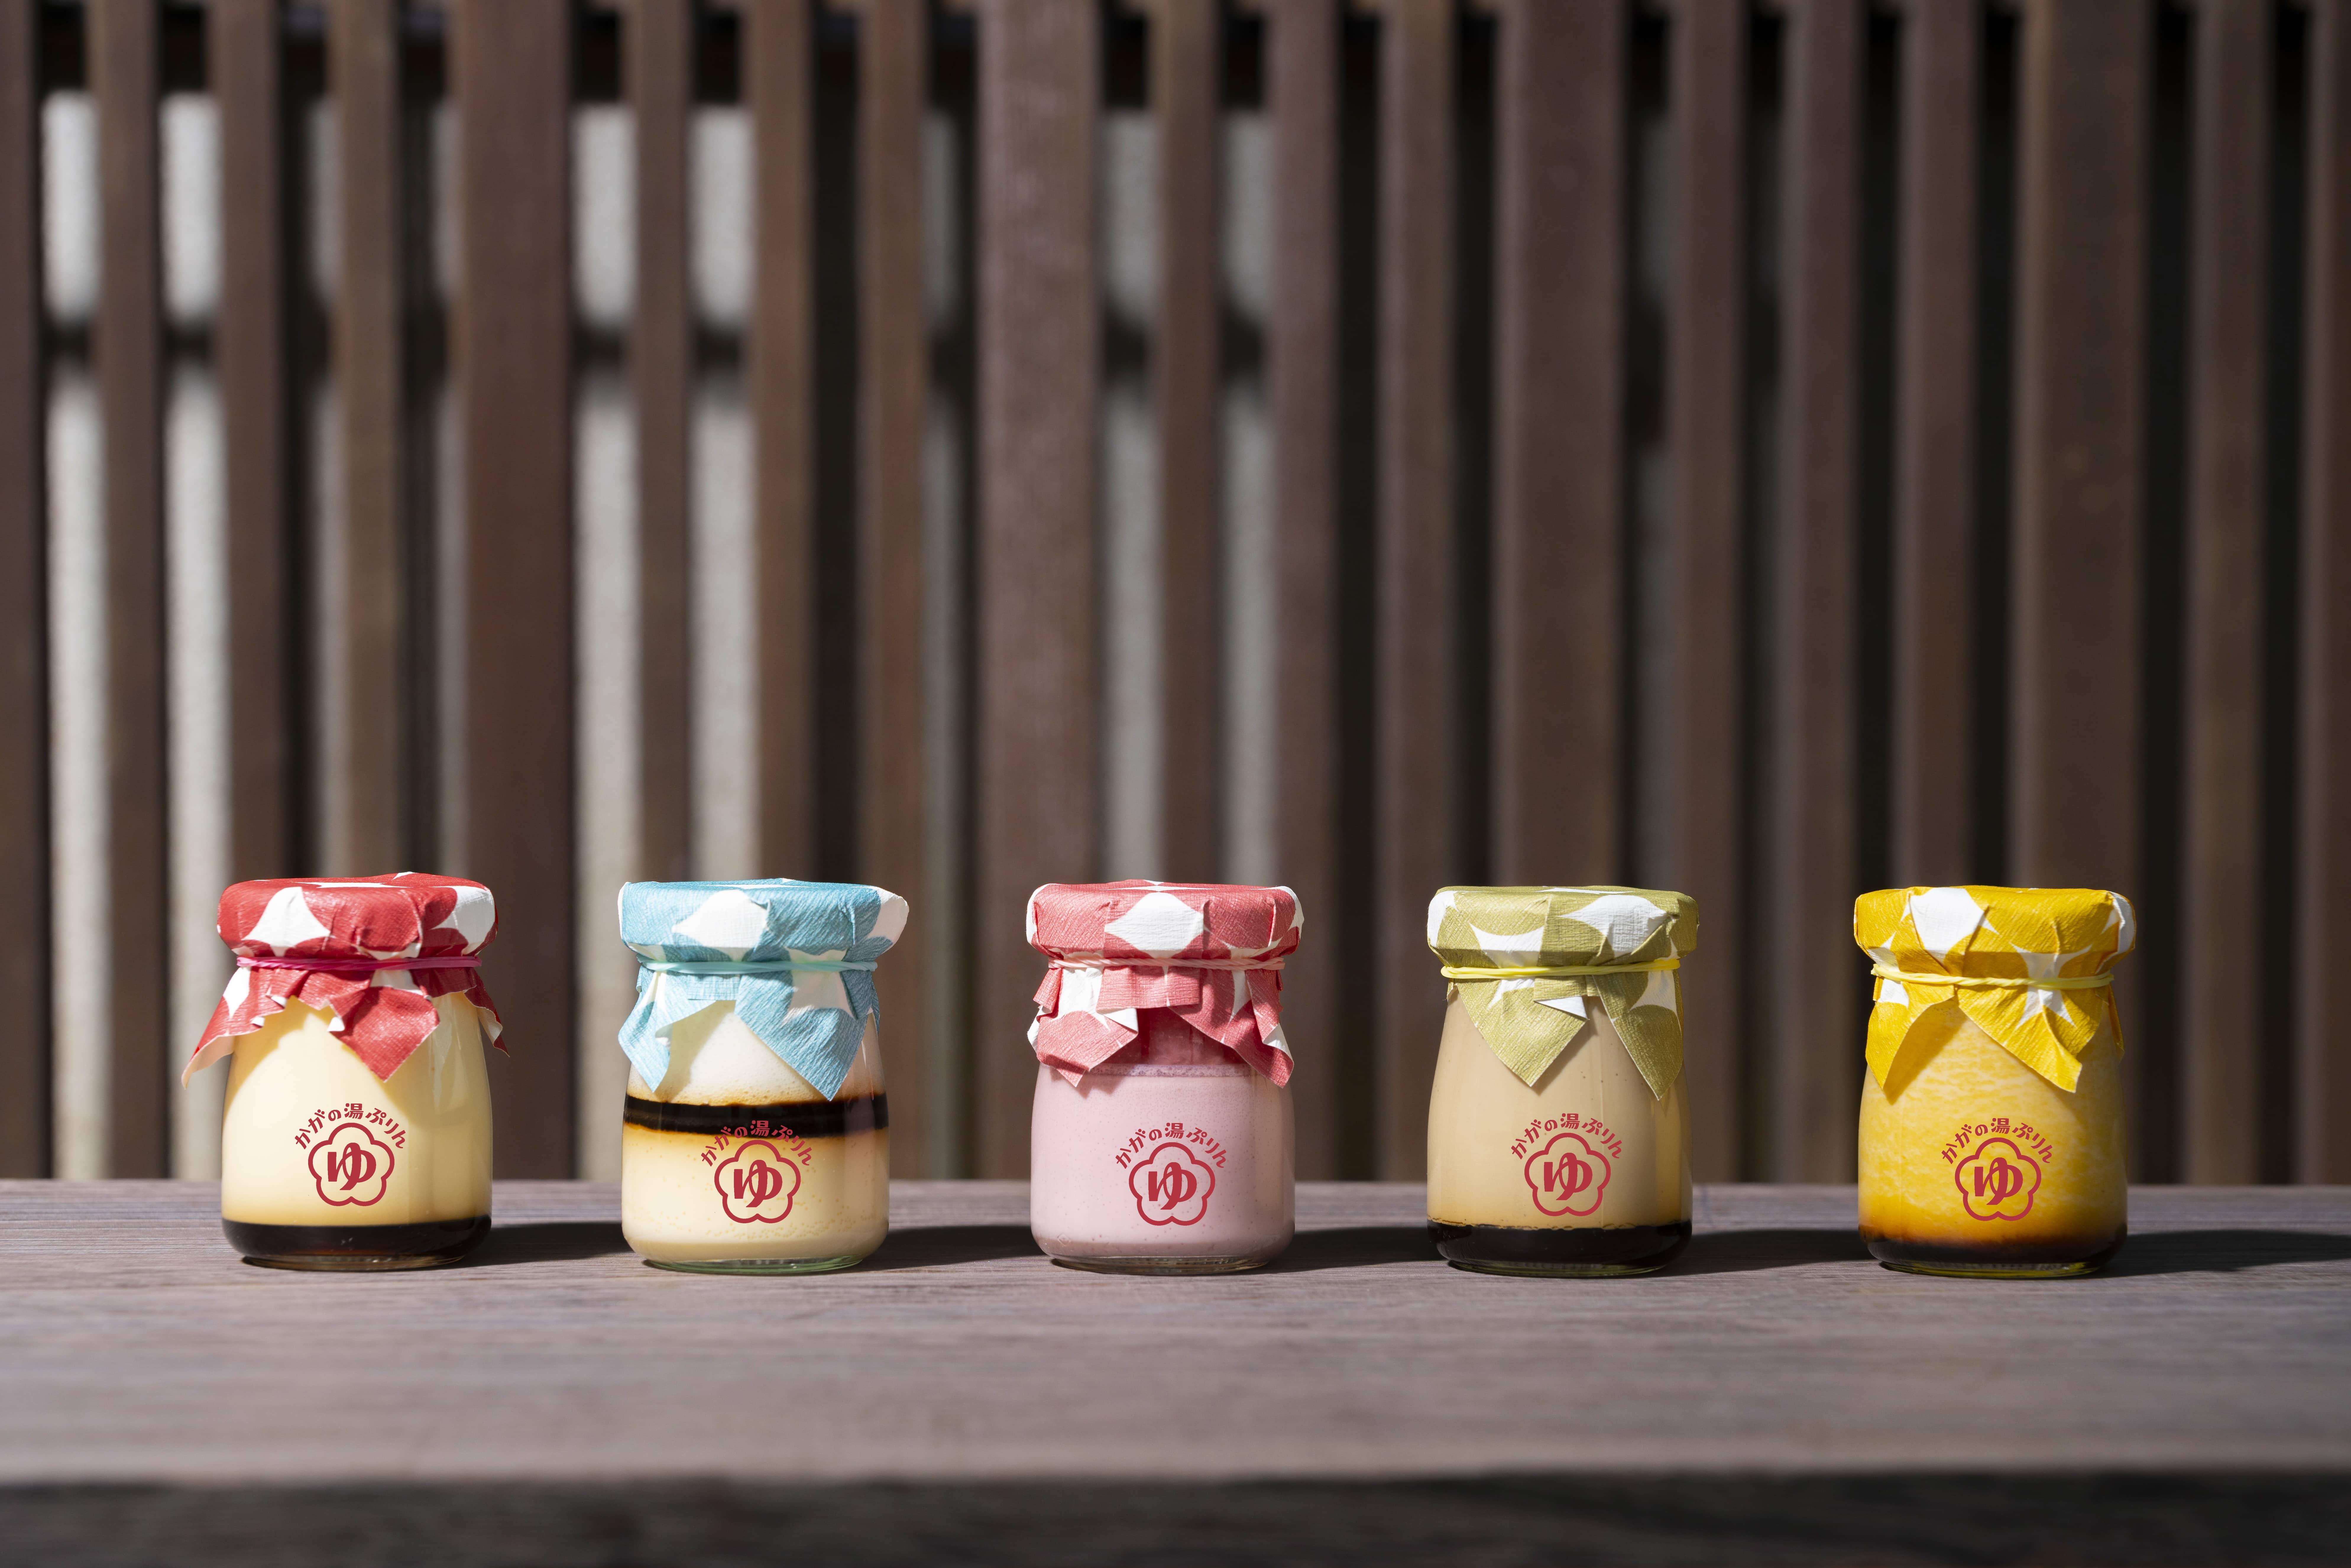 かがの湯ぷりん kaganoyu pudding img_187073_1